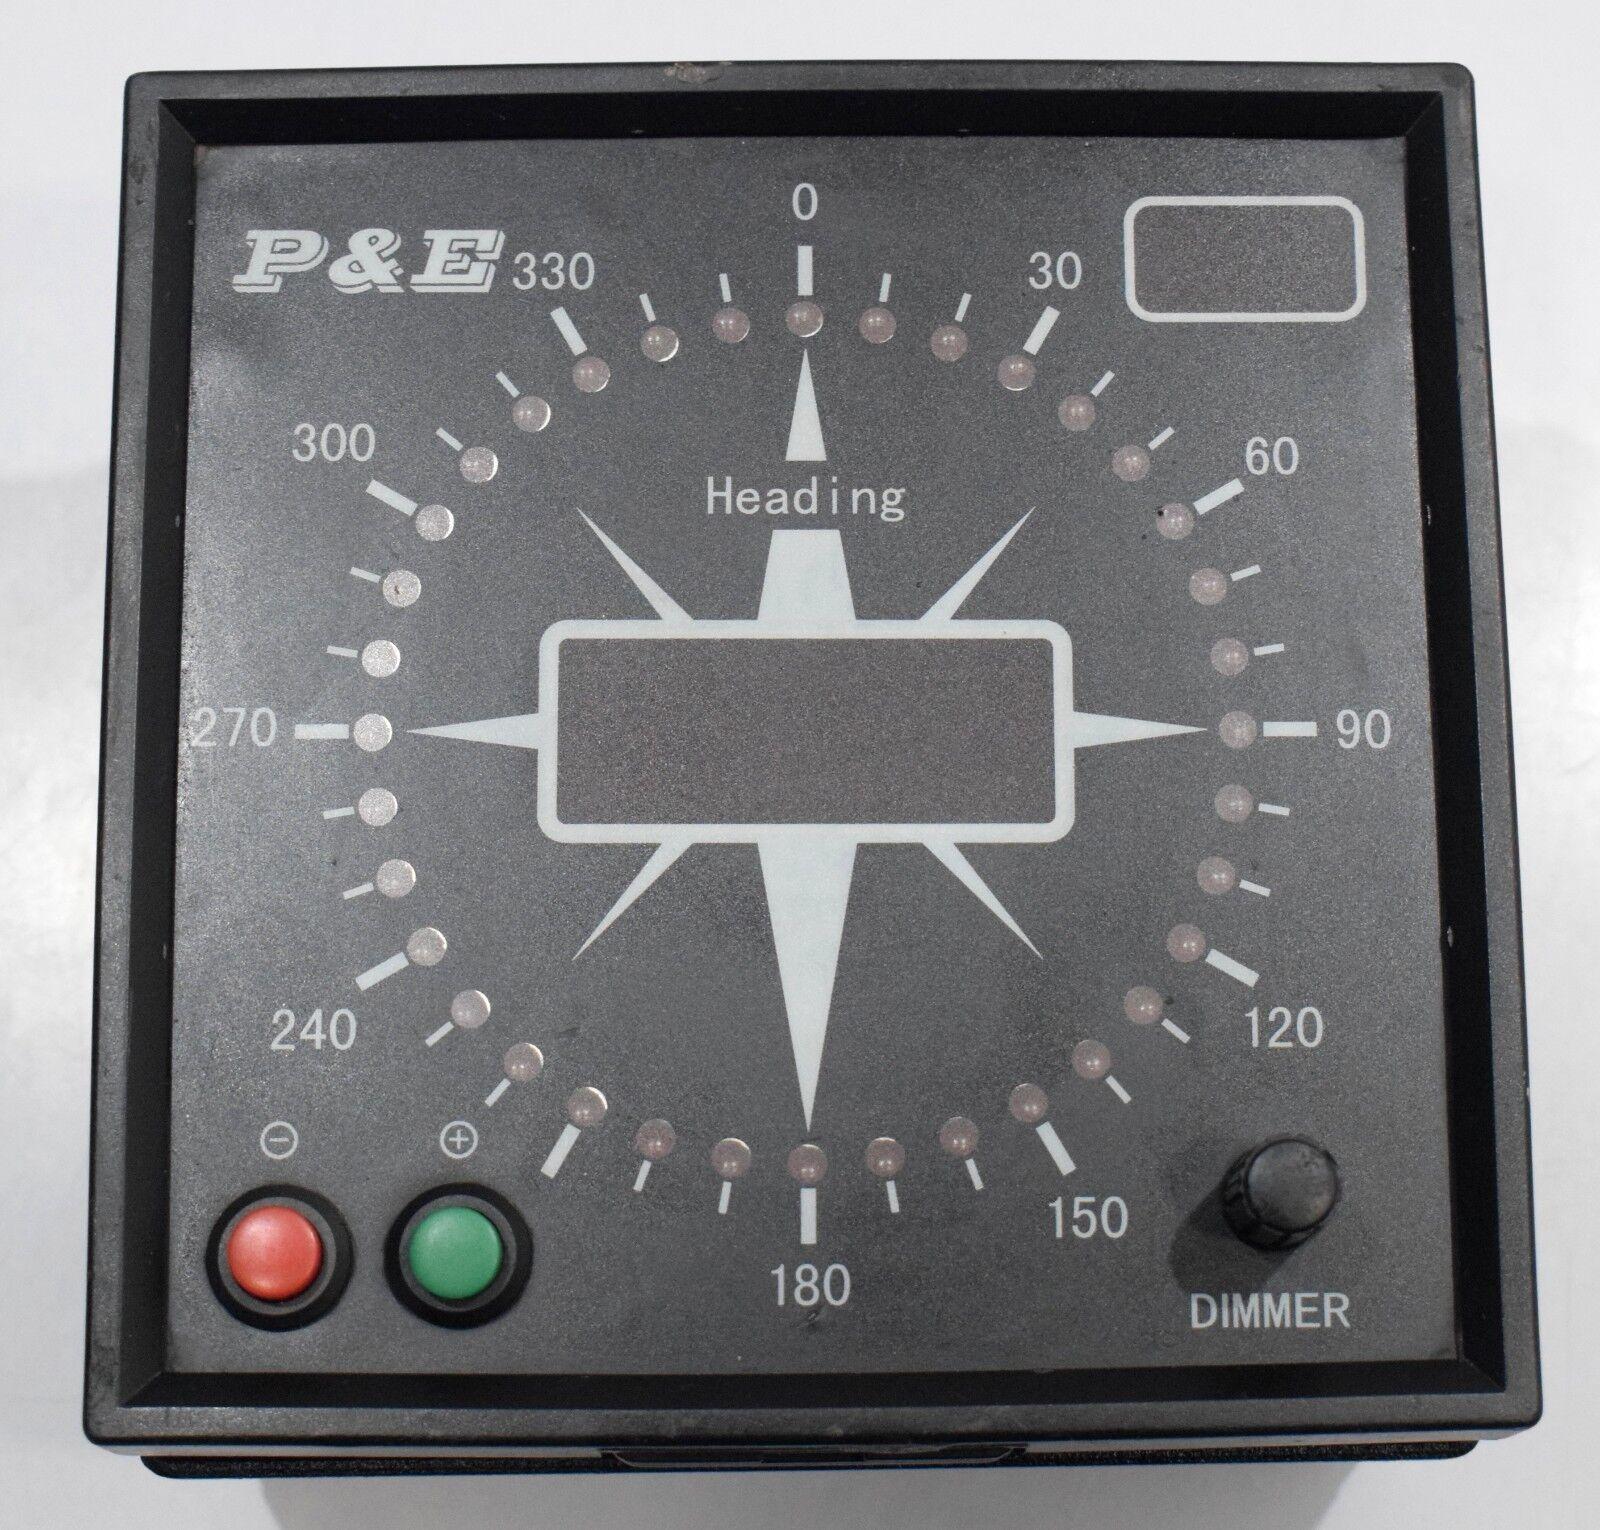 P&E C43 Gyro Interface Marina Barco es instrumento de navegación